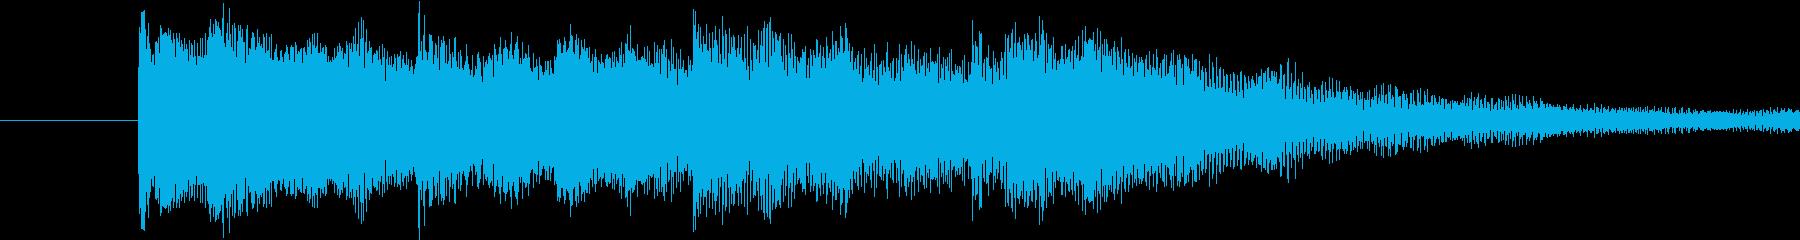 映像やゲームのジングルの再生済みの波形